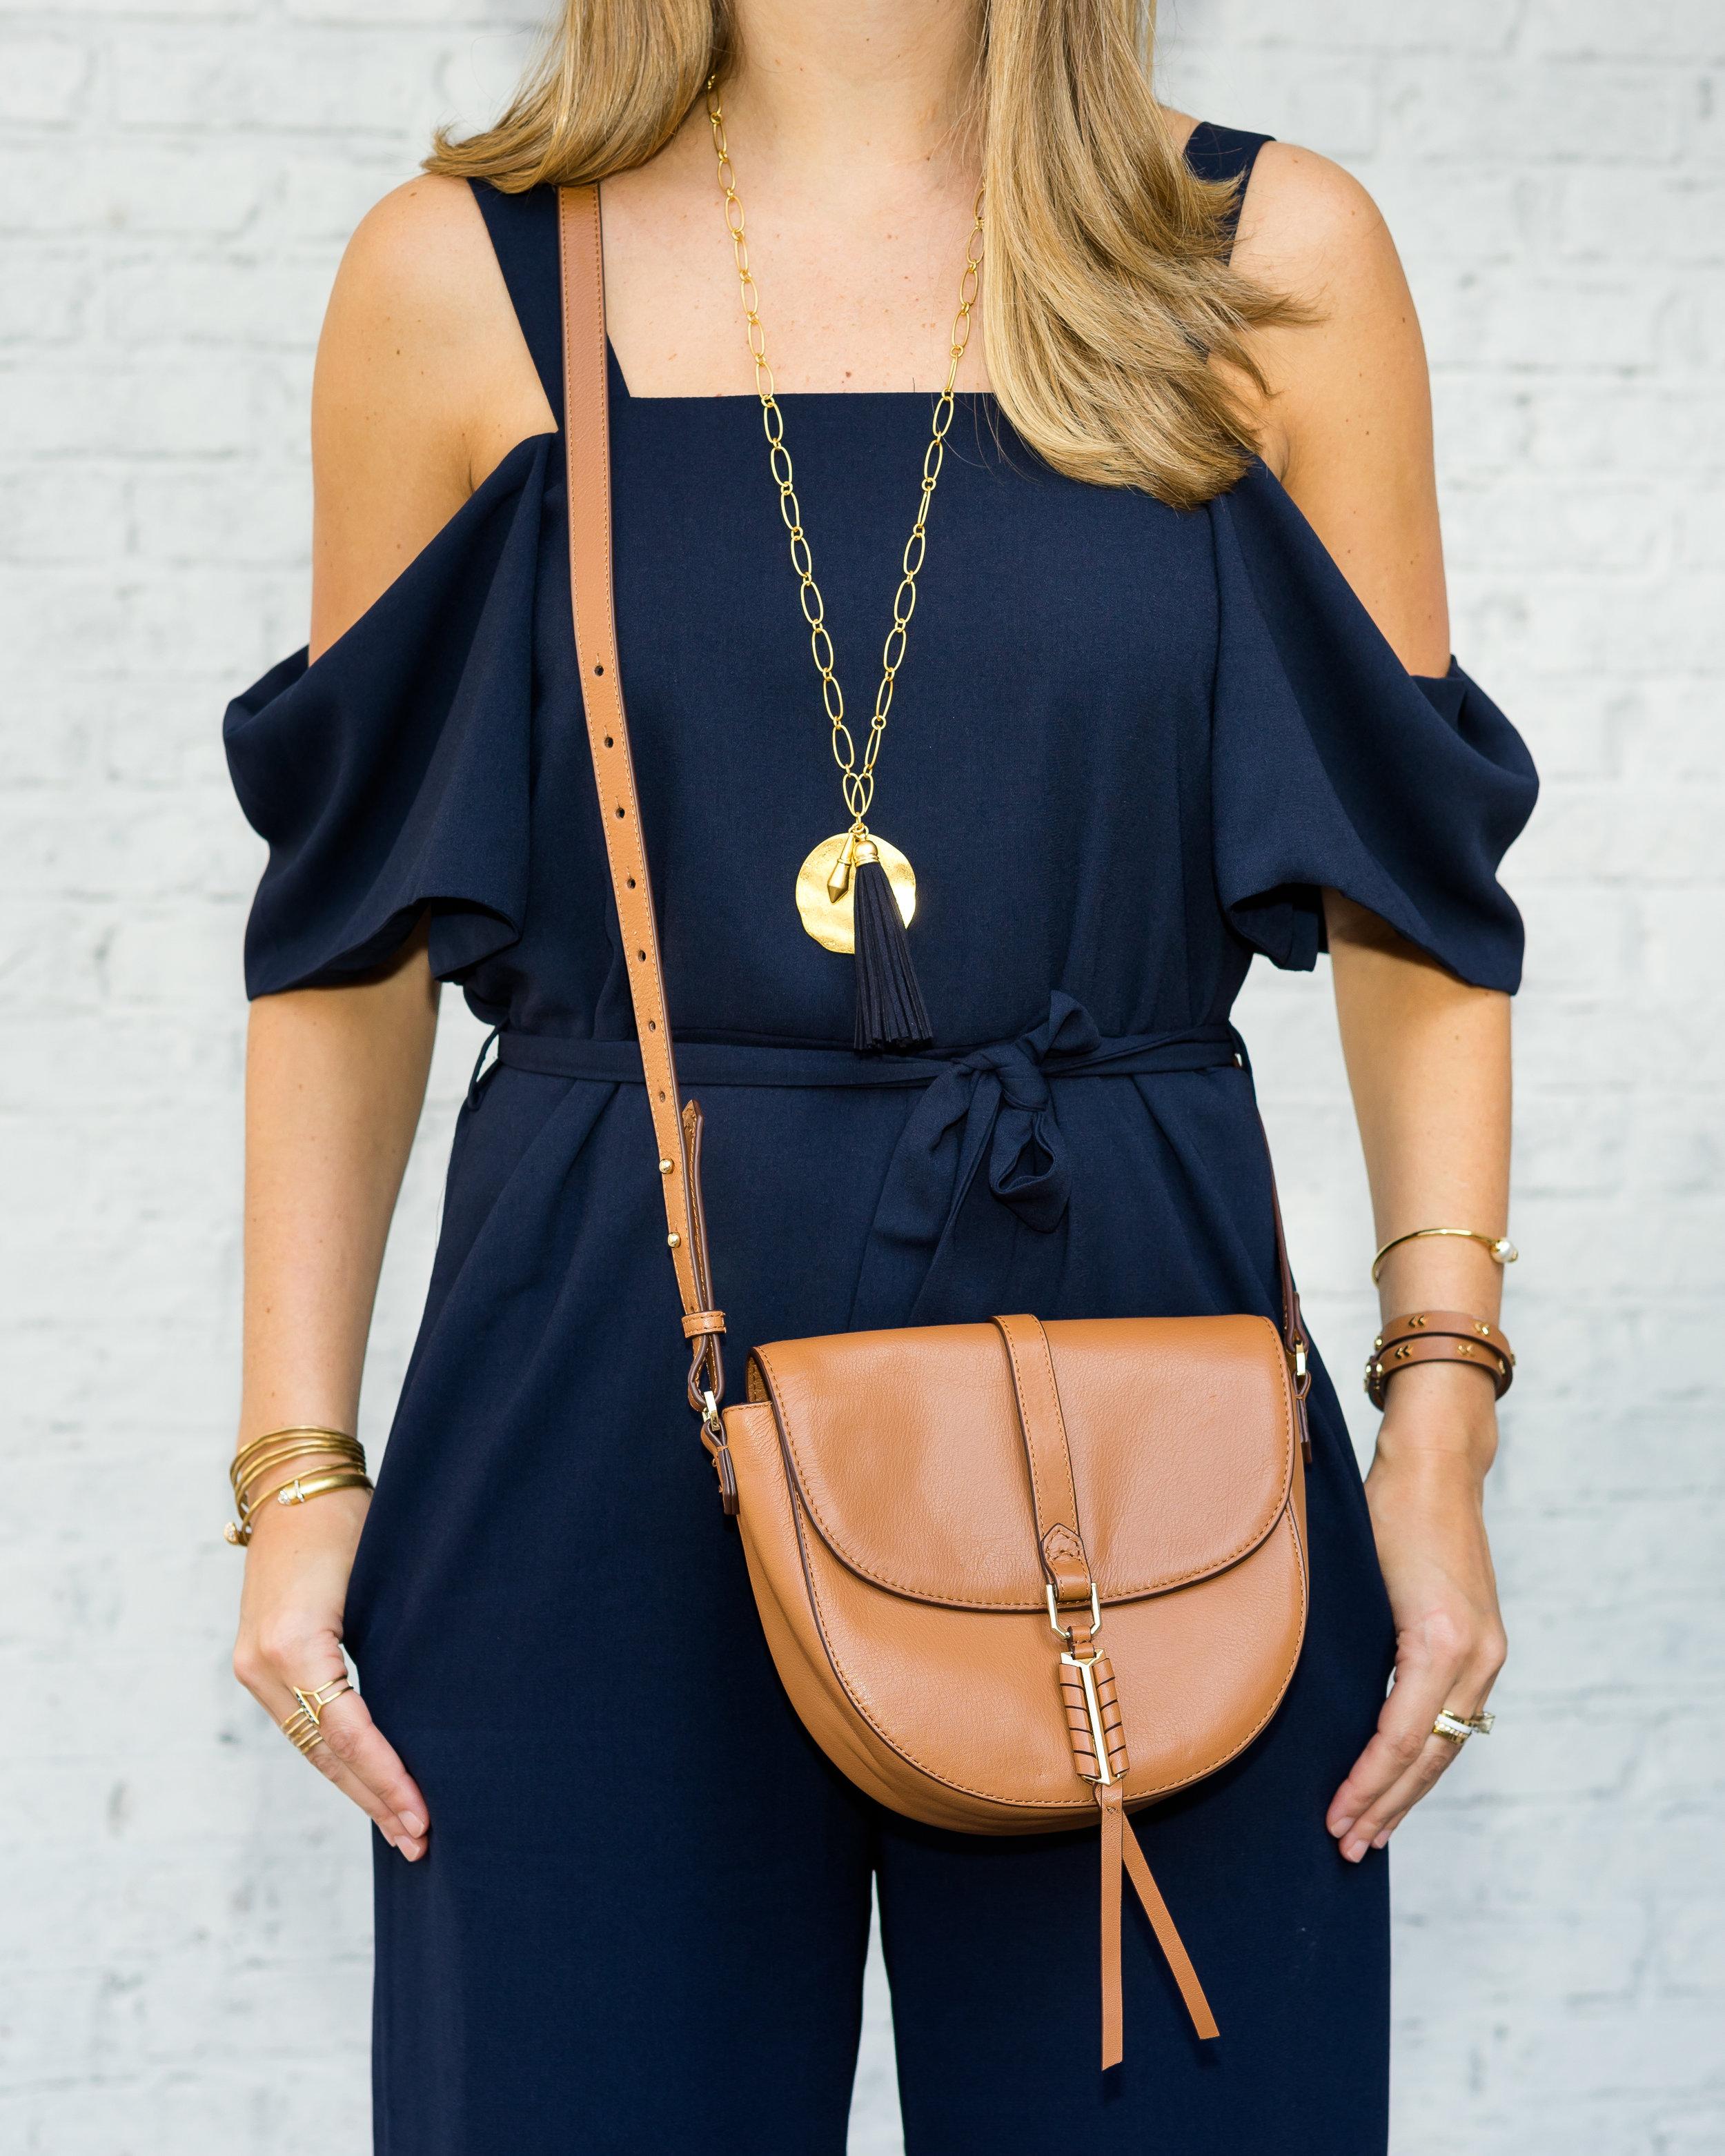 Navy cold shoulder jumpsuit, Covet purse, navy tassel necklace